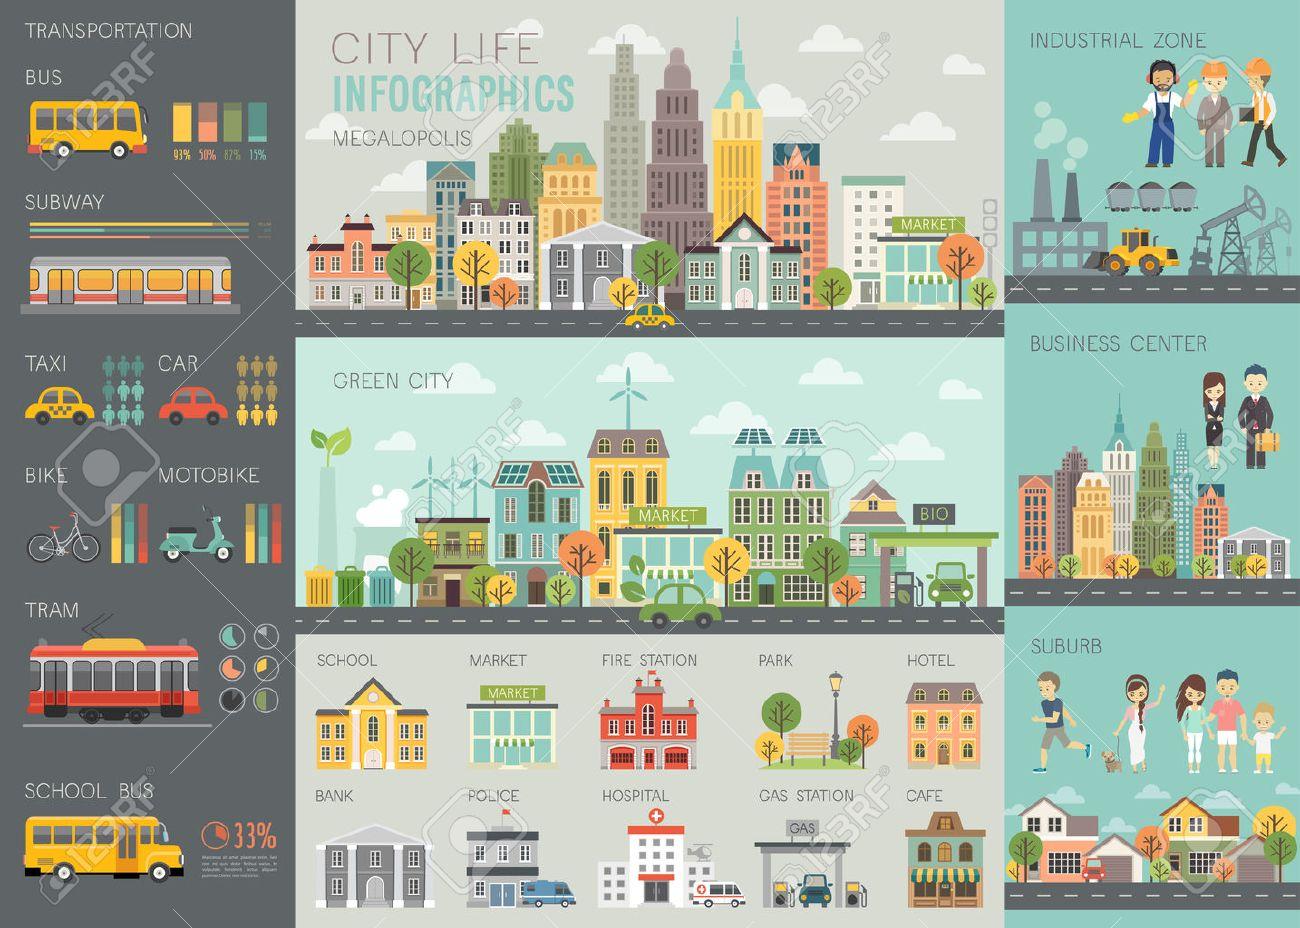 La vie en ville Infographic fixé avec des graphiques et d'autres éléments. Banque d'images - 53370629